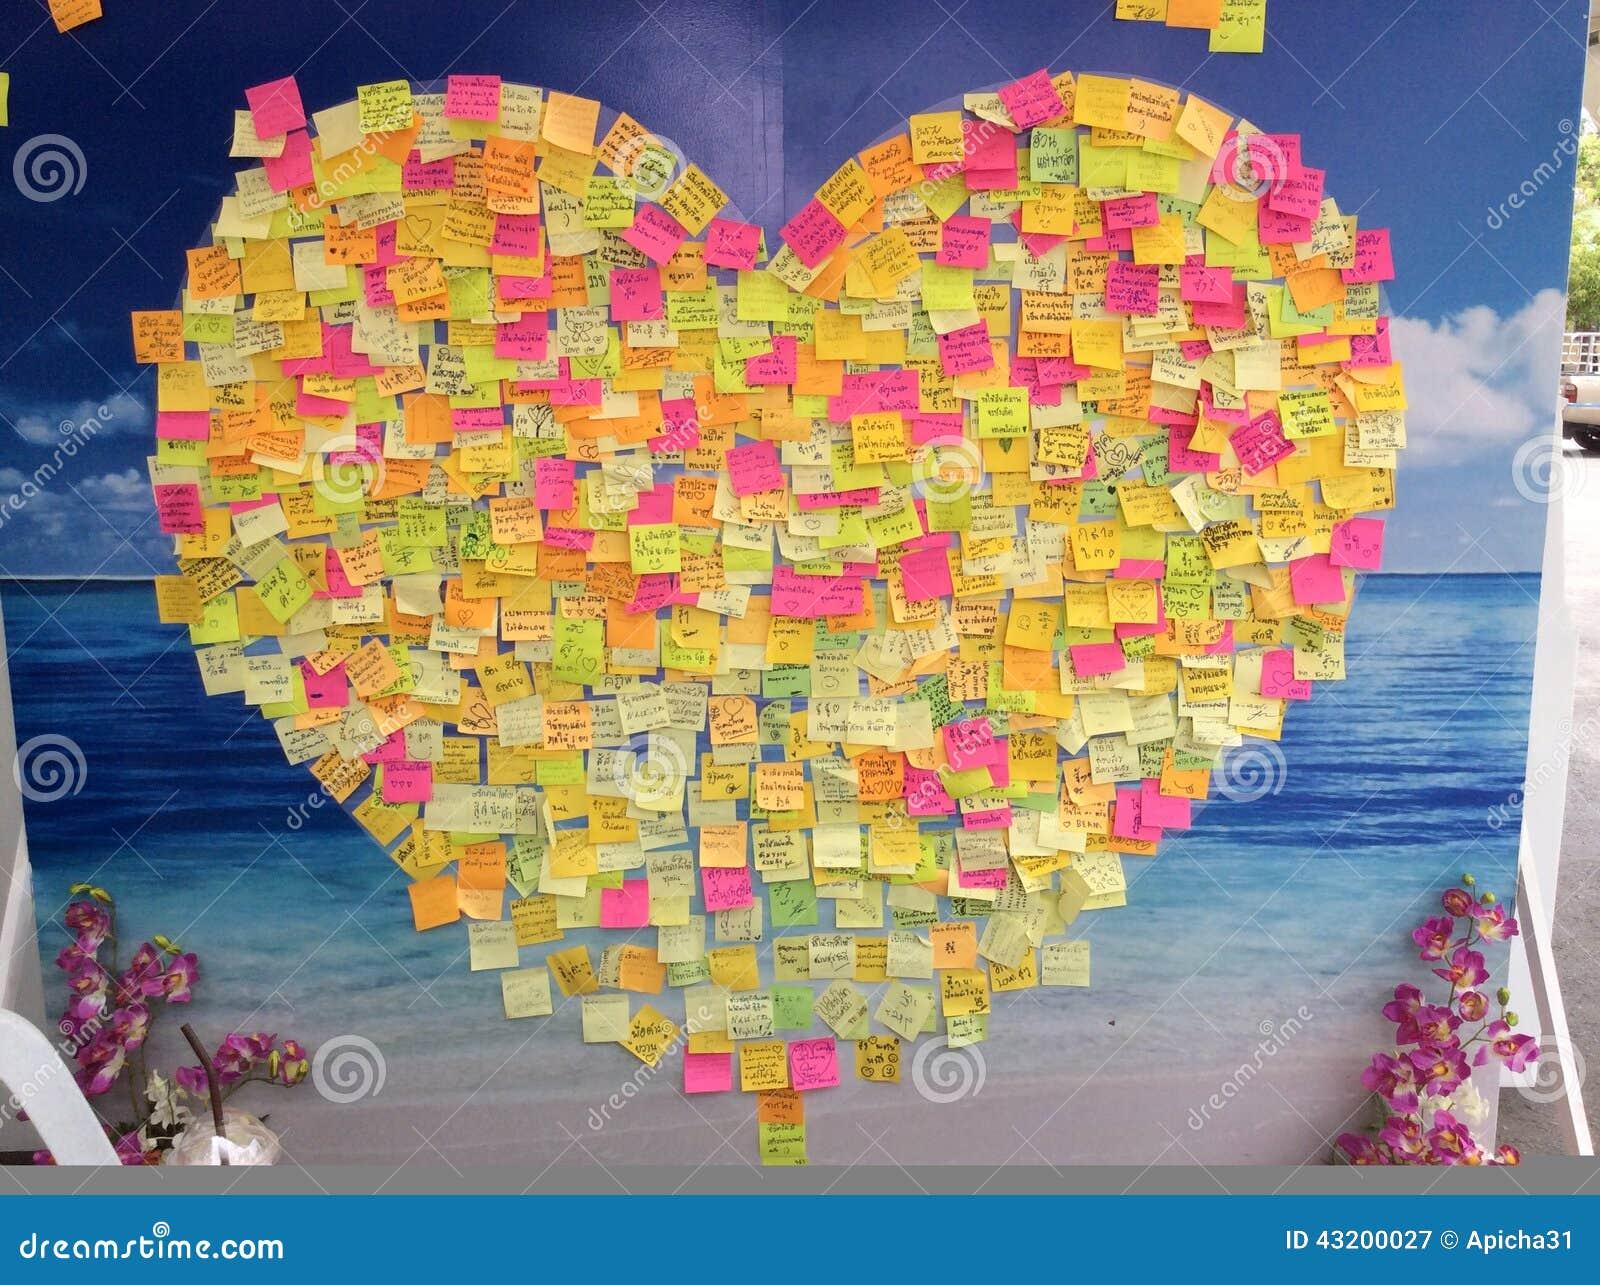 Download Klibbiga Anmärkningar Av Hjärta Fotografering för Bildbyråer - Bild av meddelande, yellow: 43200027